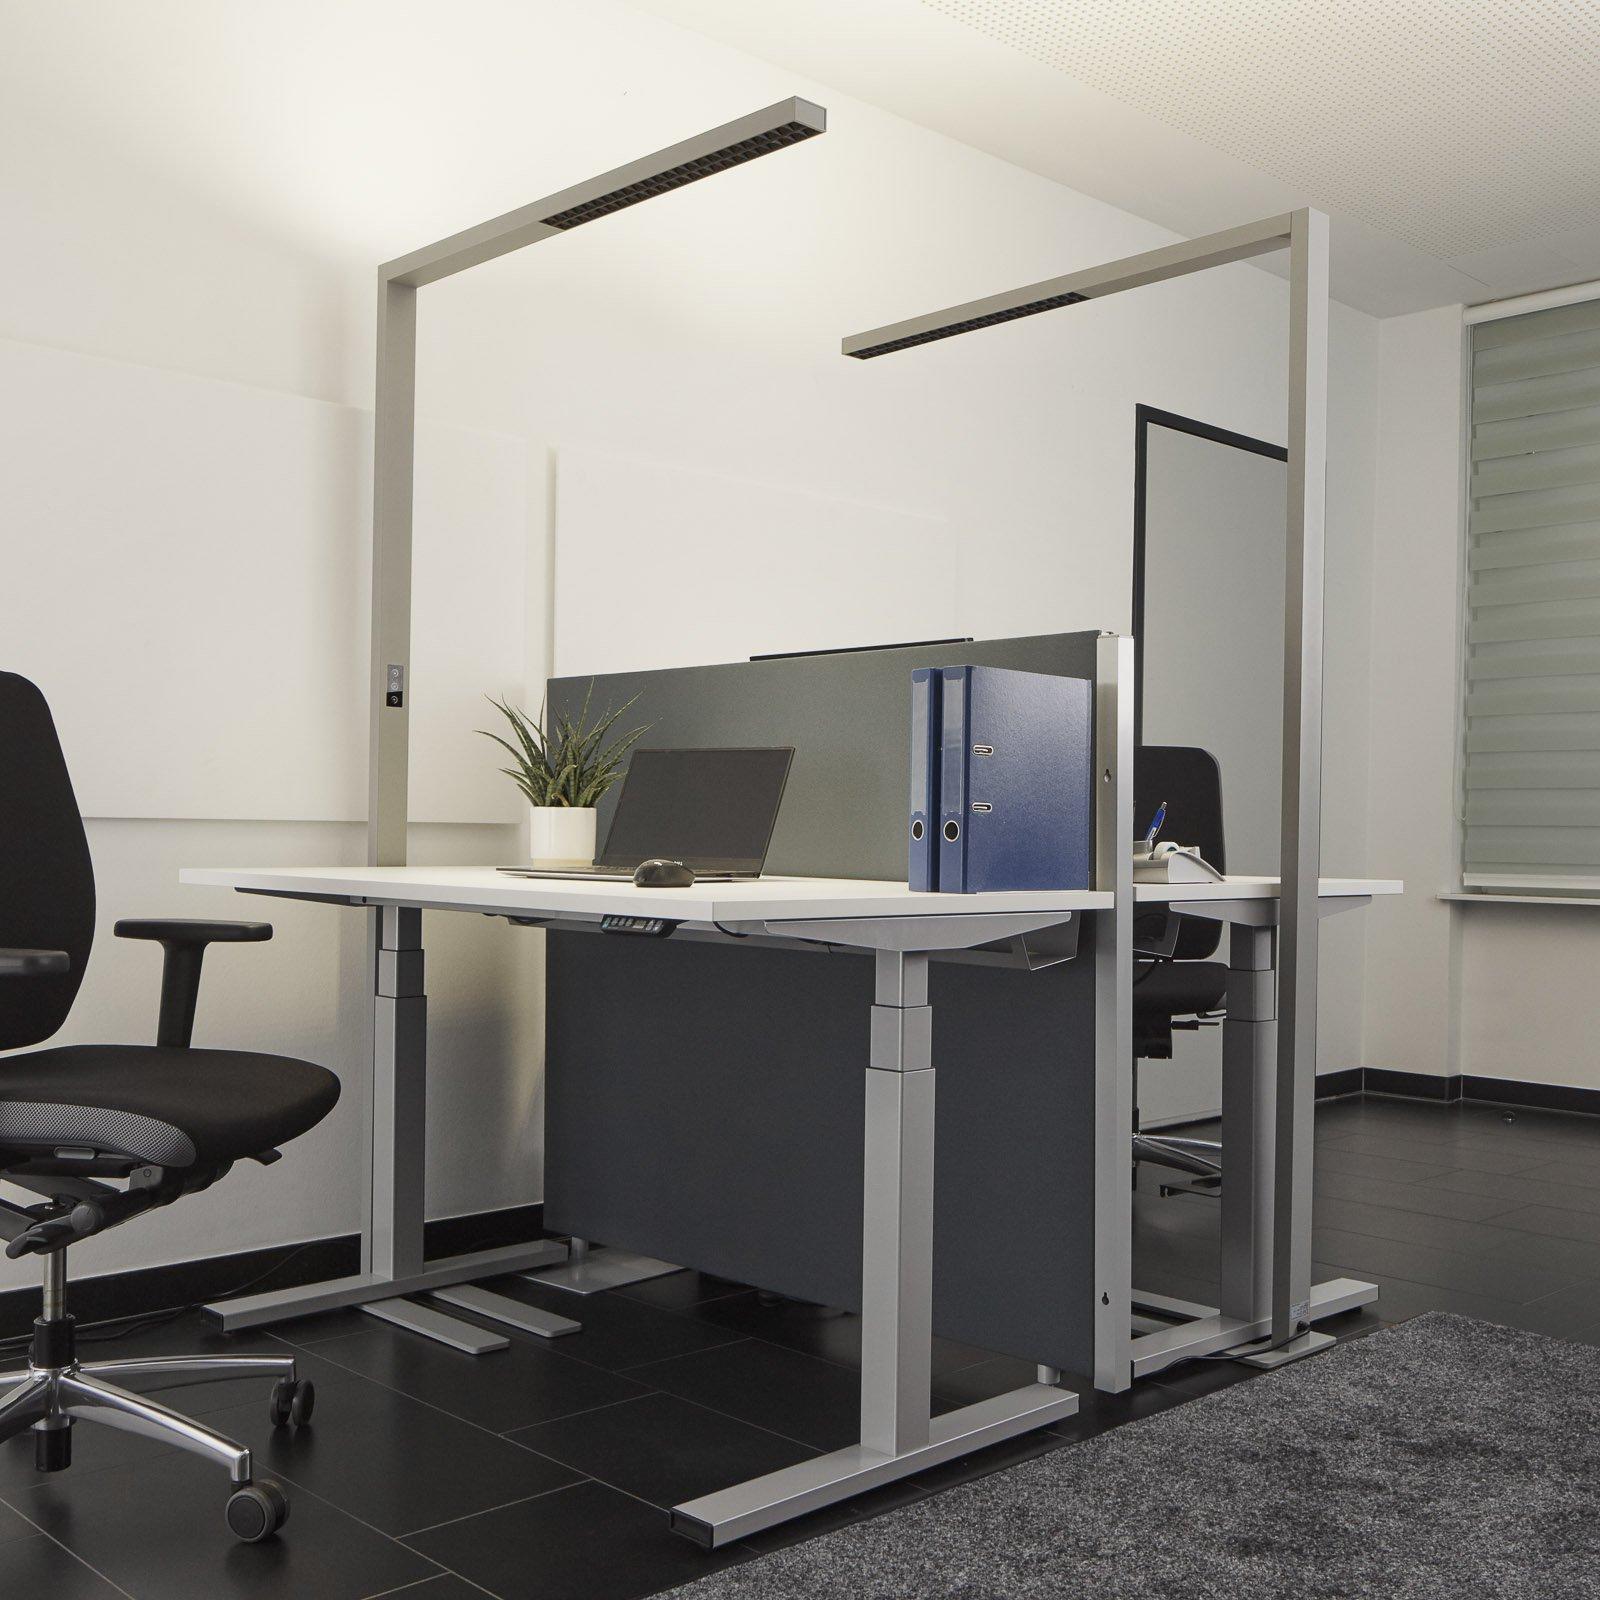 LED-gulvlampe Jolinda til kontoret, dimmer, sølv